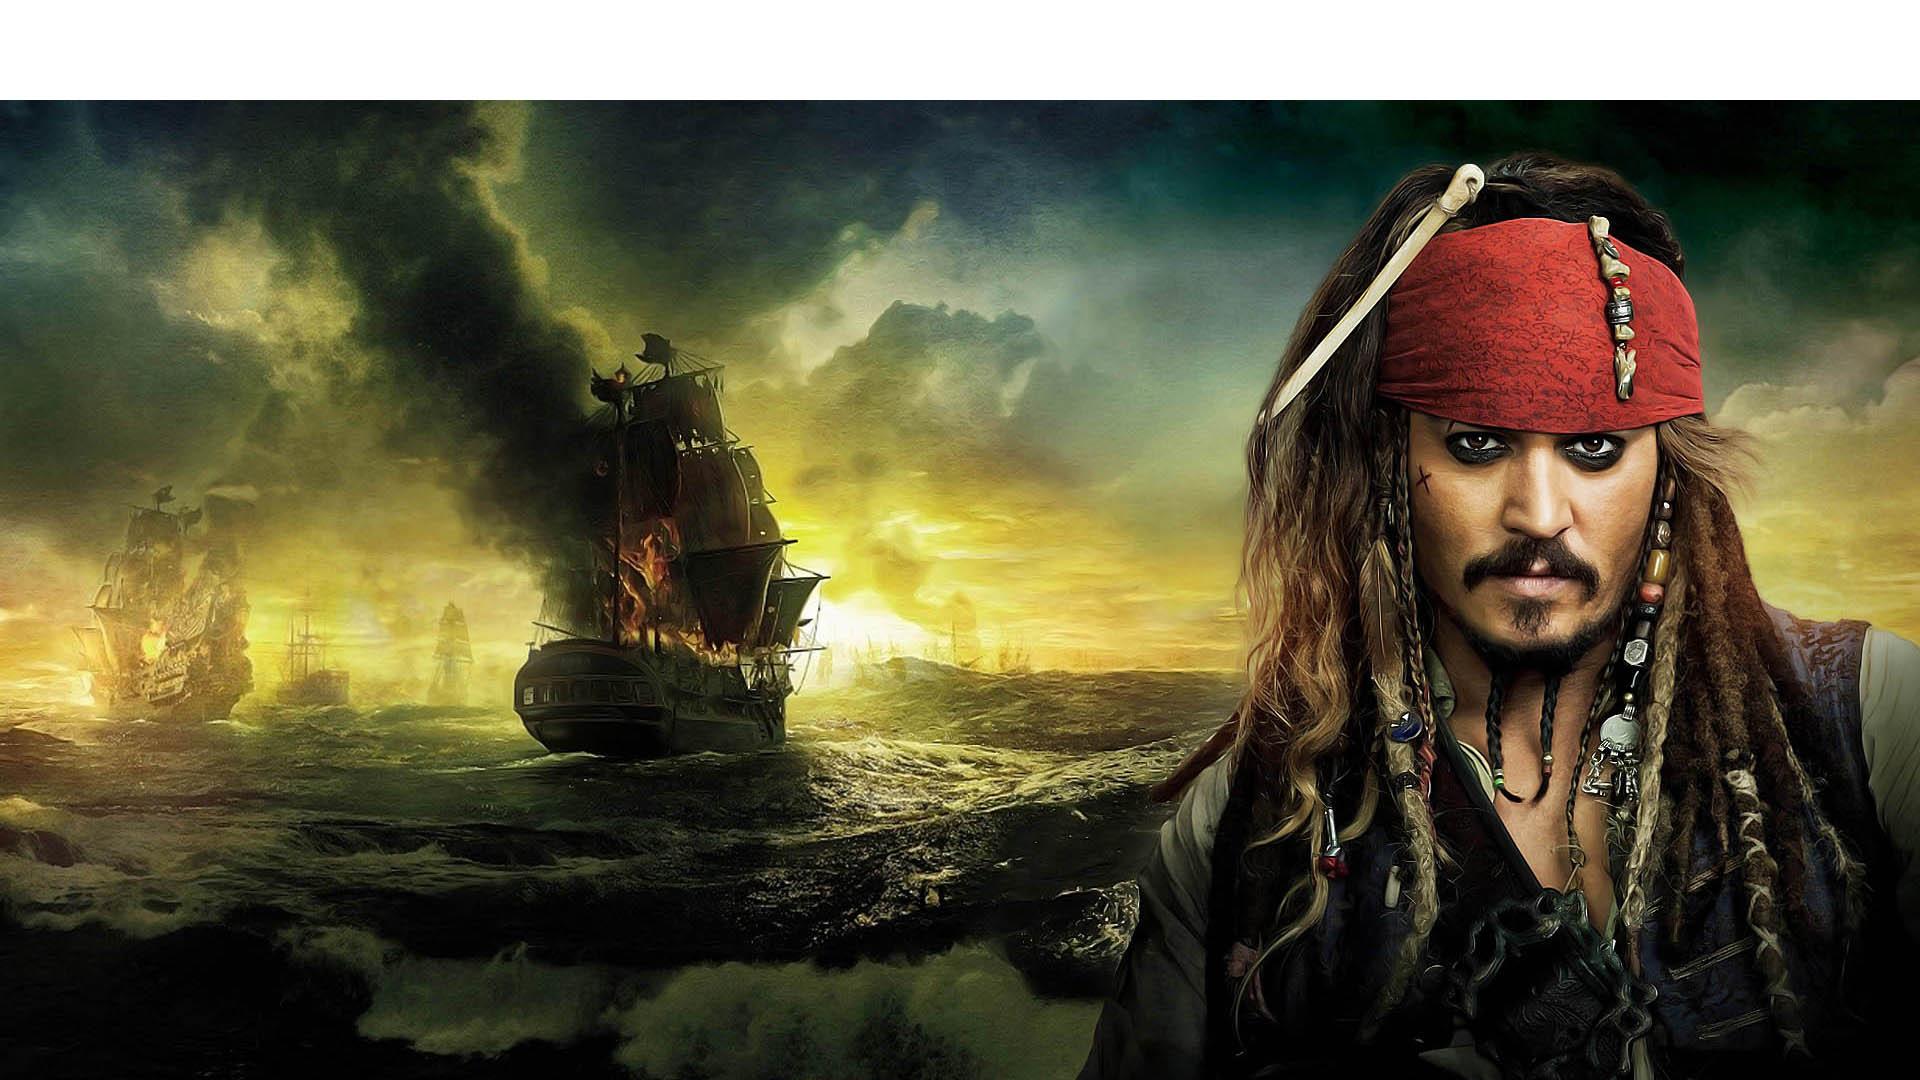 En esta entrega se podrá observar a Javier Bardem interpretando a Salazar el nuevo enemigo del capitán Jack Sparrow